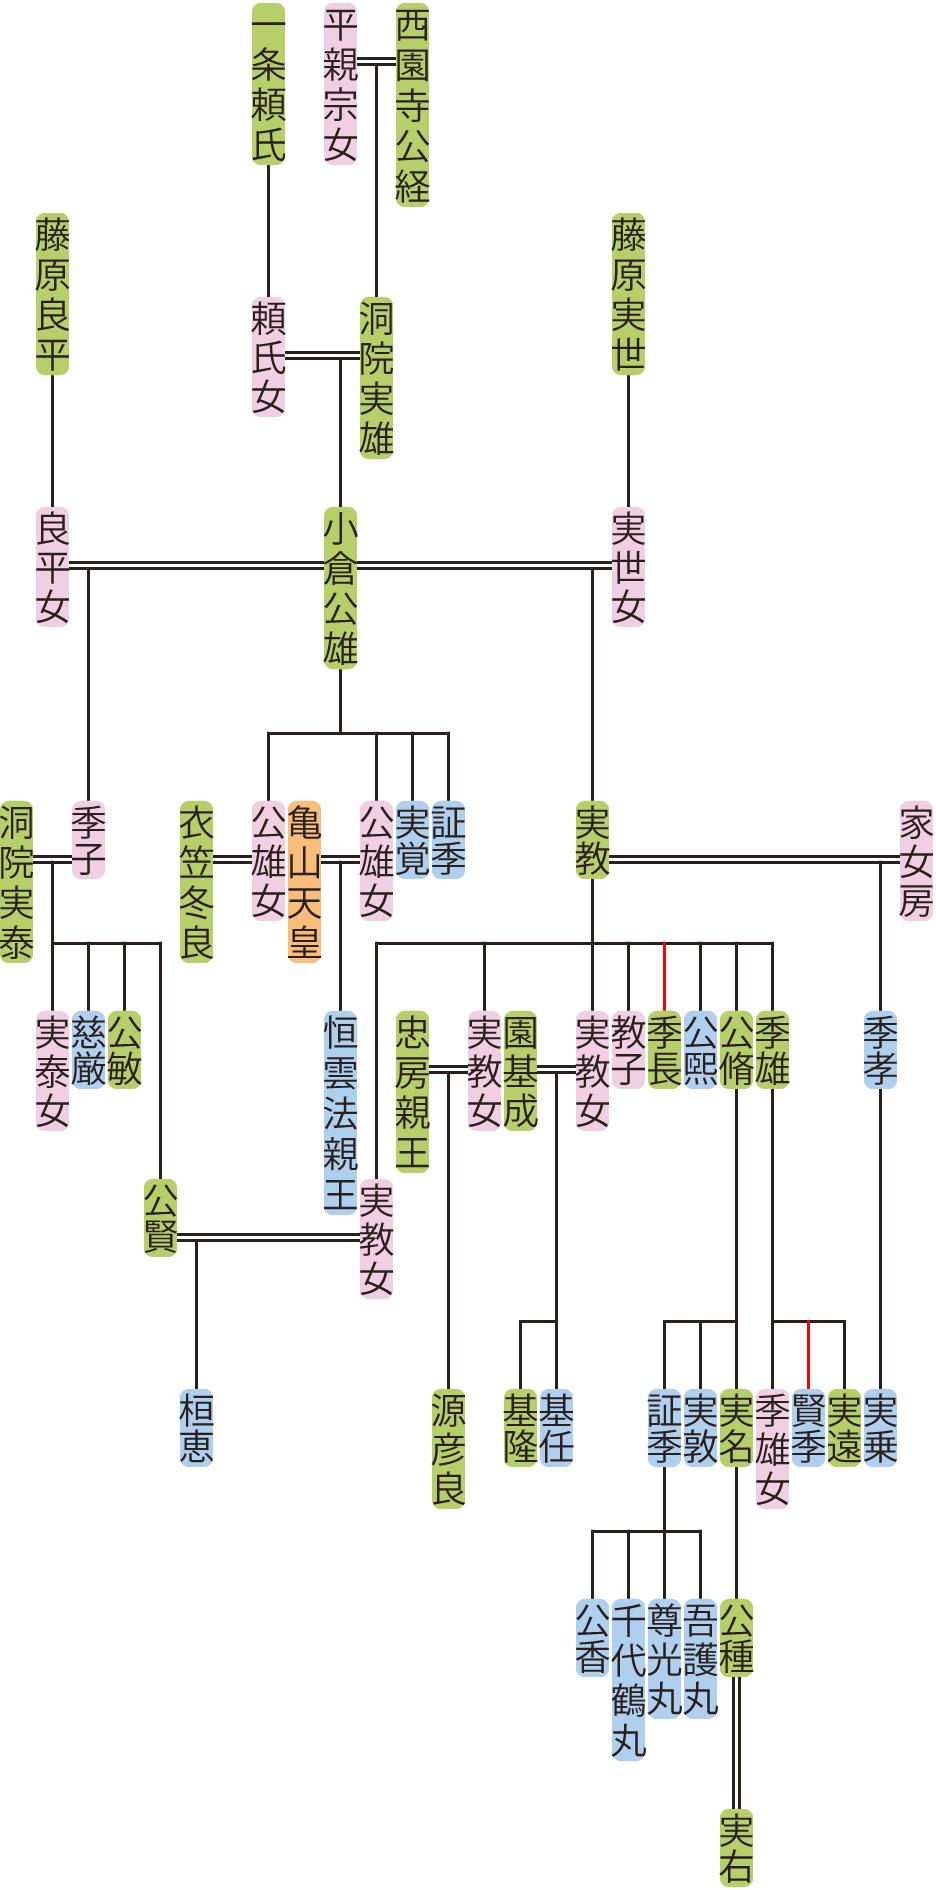 小倉公雄~実名の系図